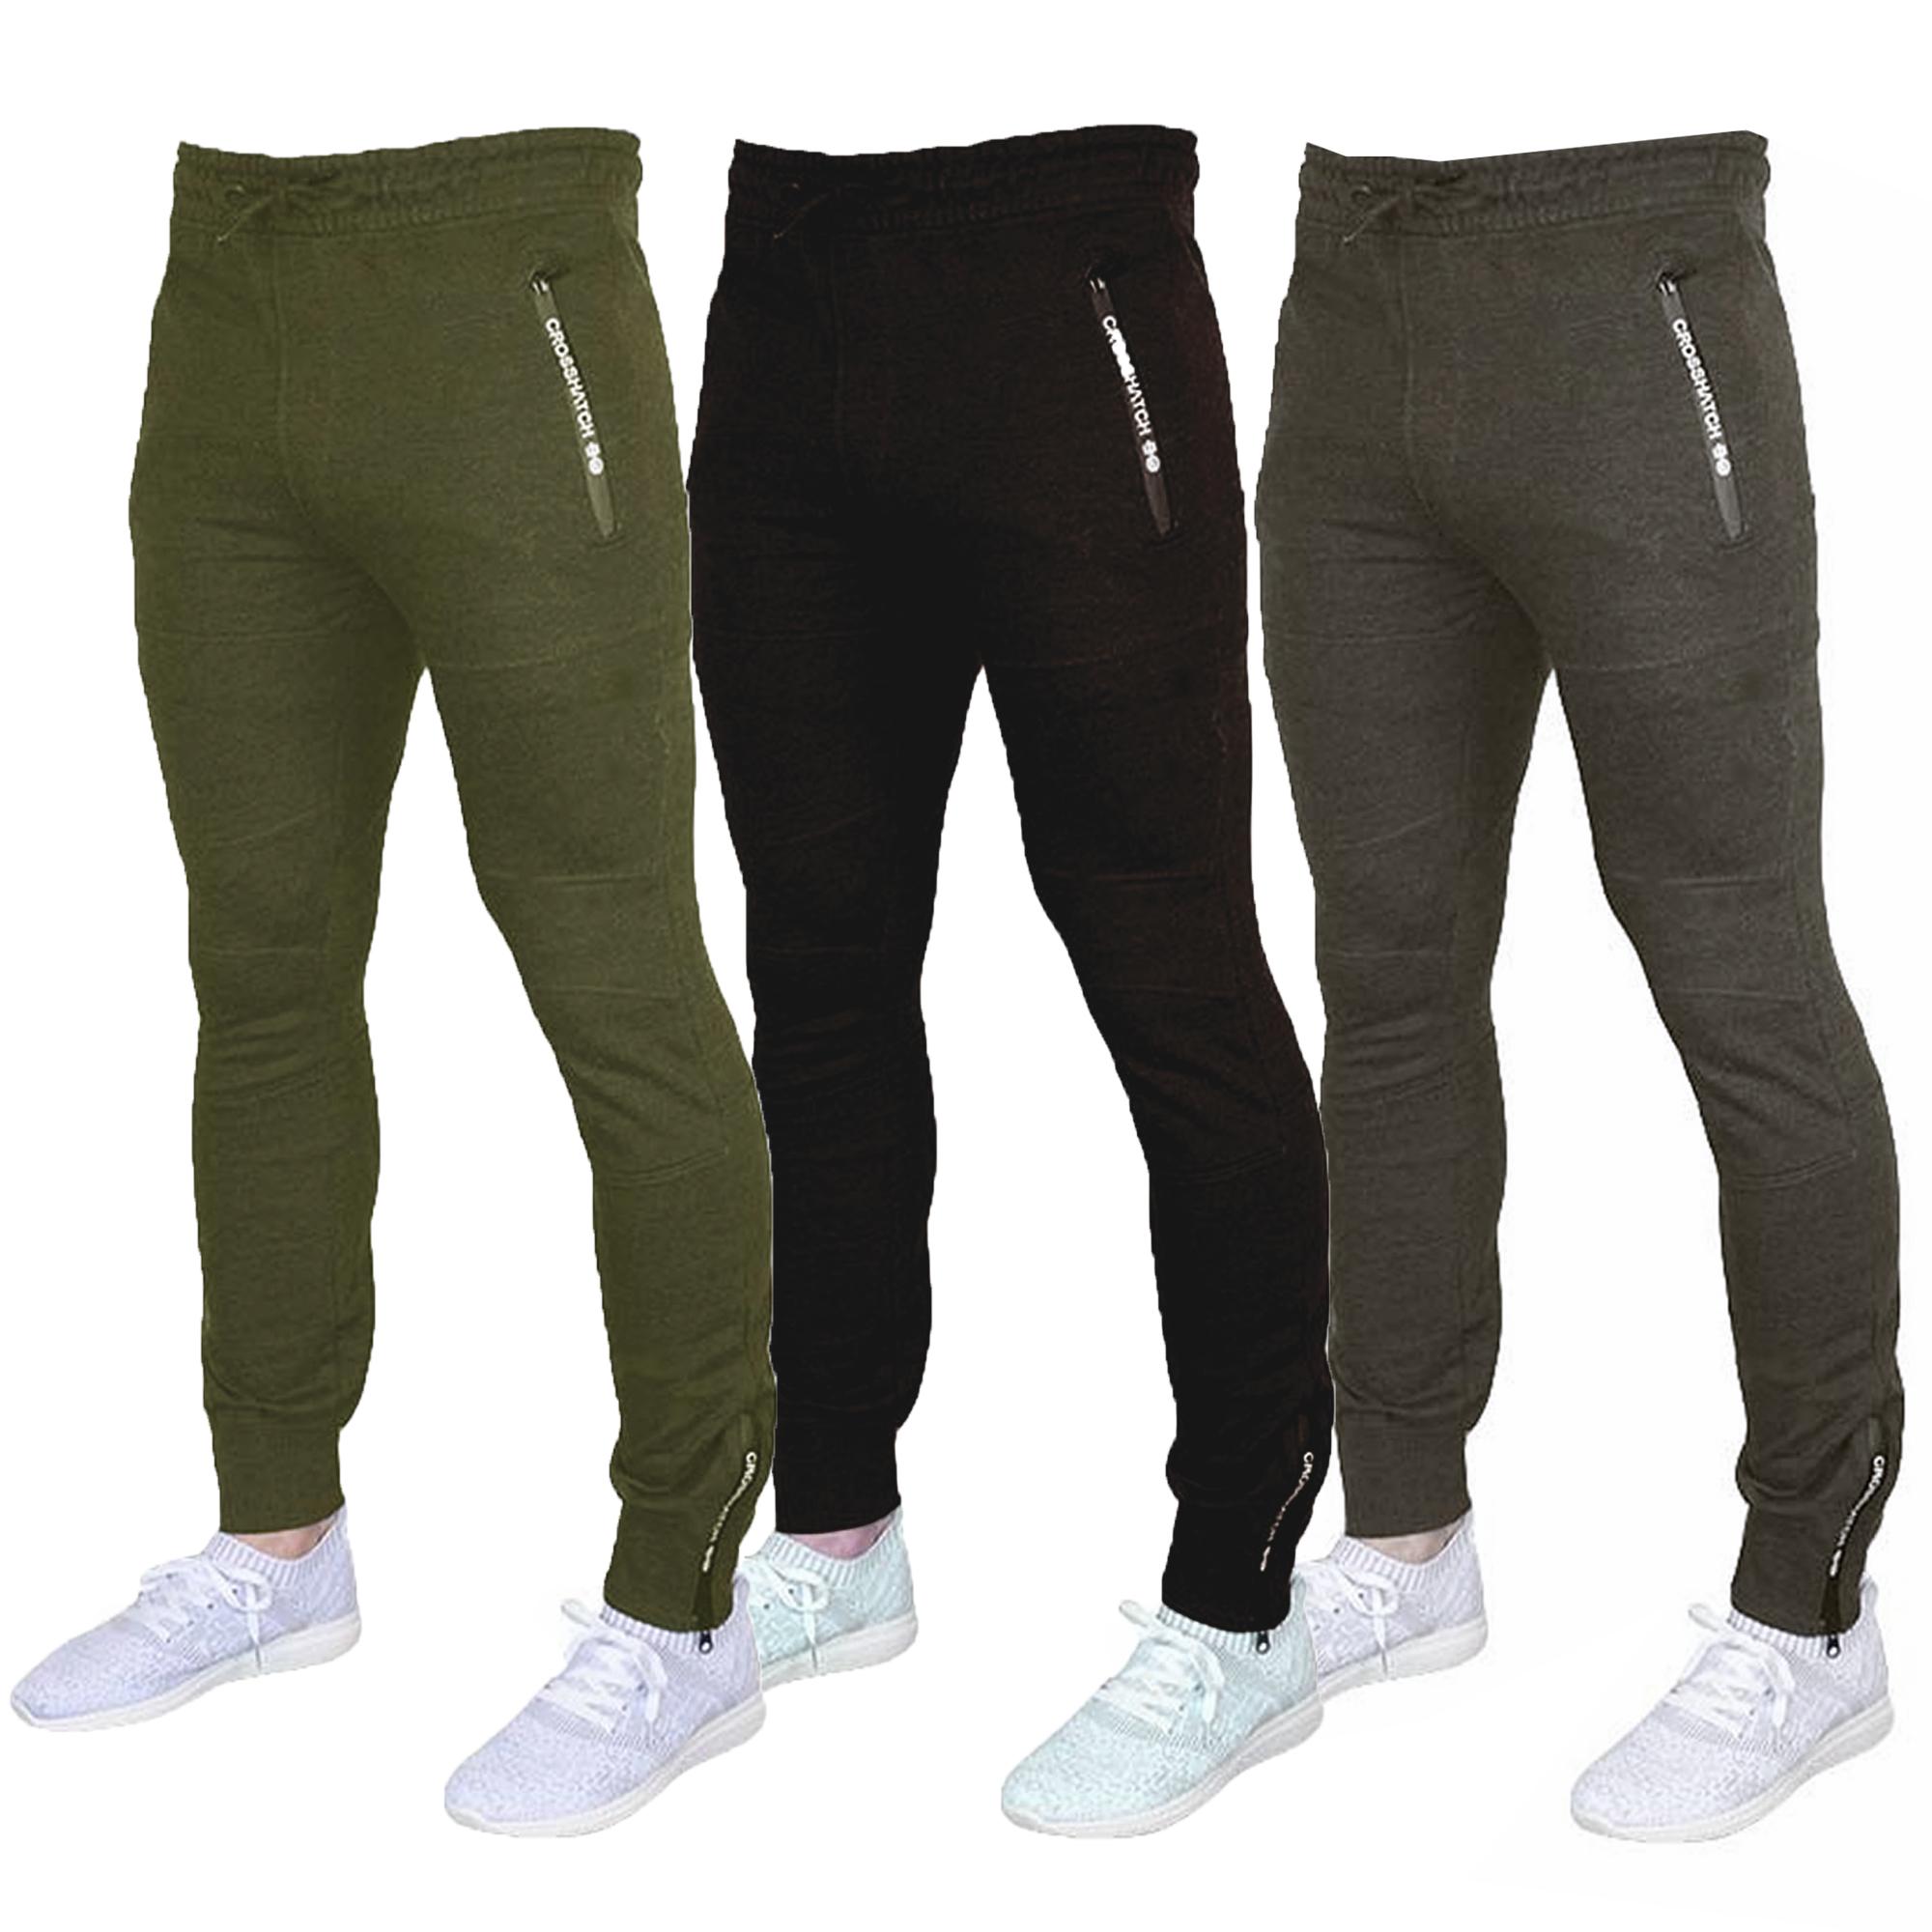 Bas Crosshatch Hommes Course Côtelé Jogging Pantalon Chaude Mode Gym vadSwSx5